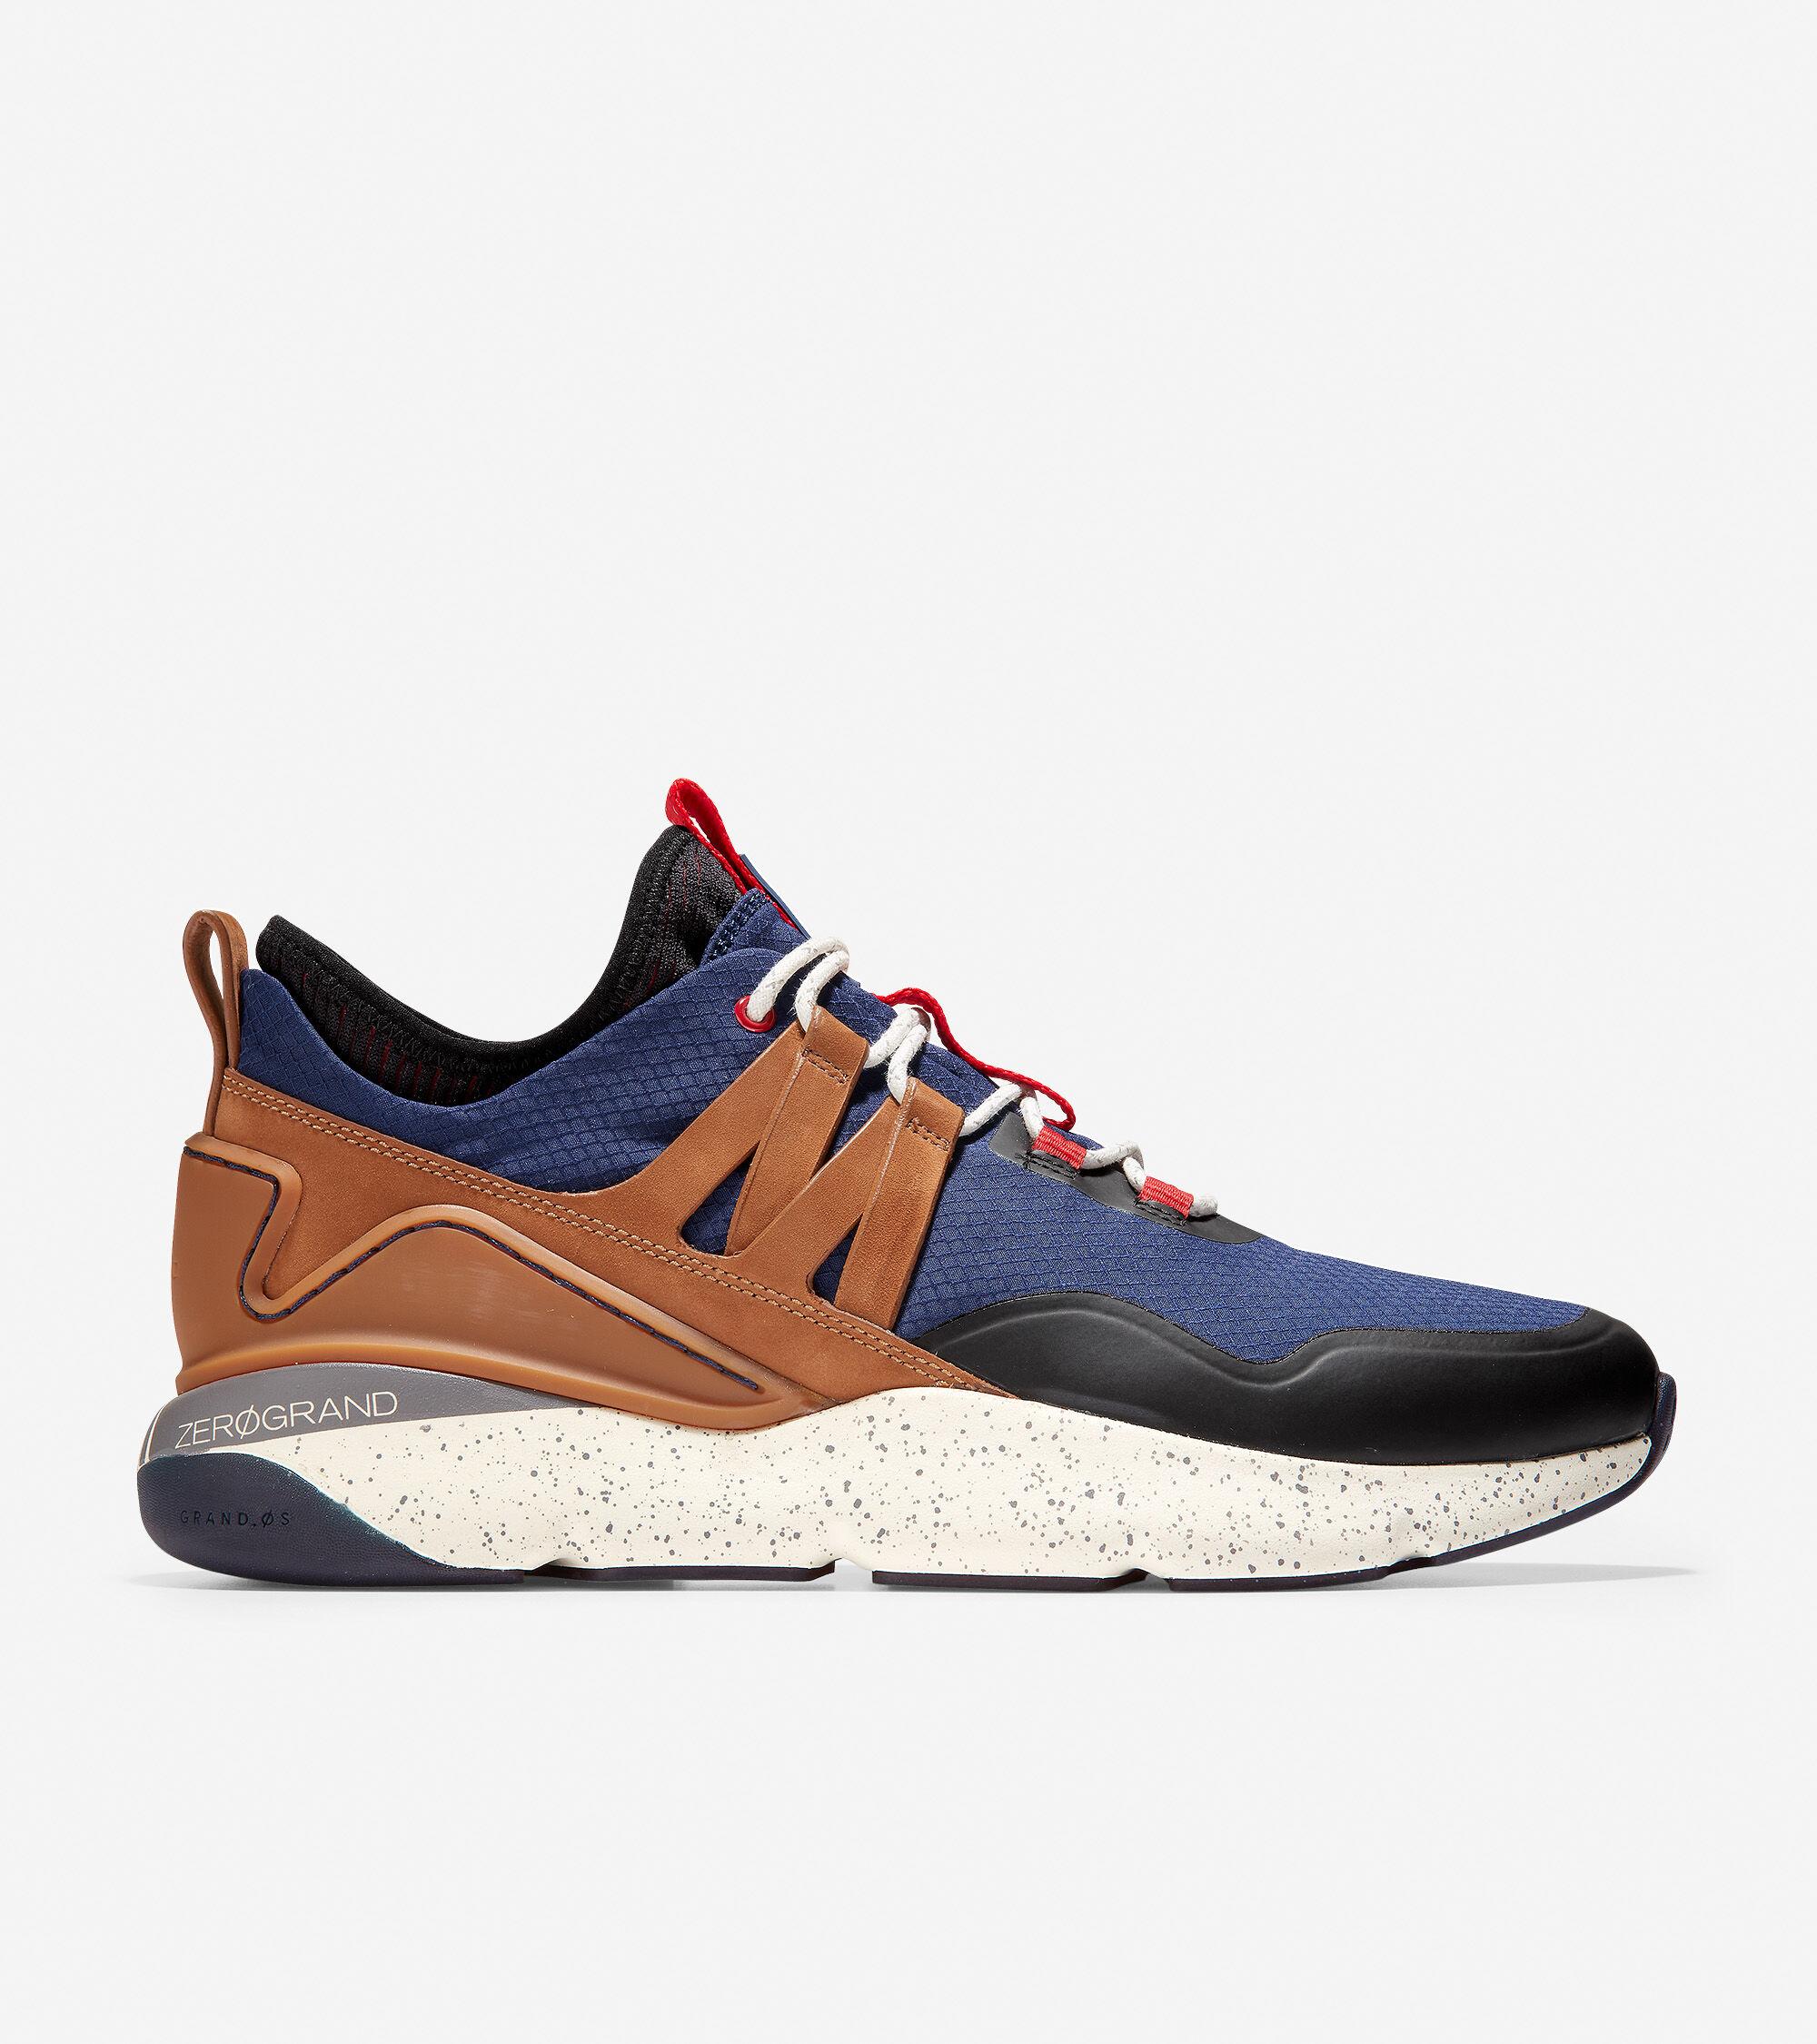 Sneakers \u0026 Sport Oxfords | Men's Sale